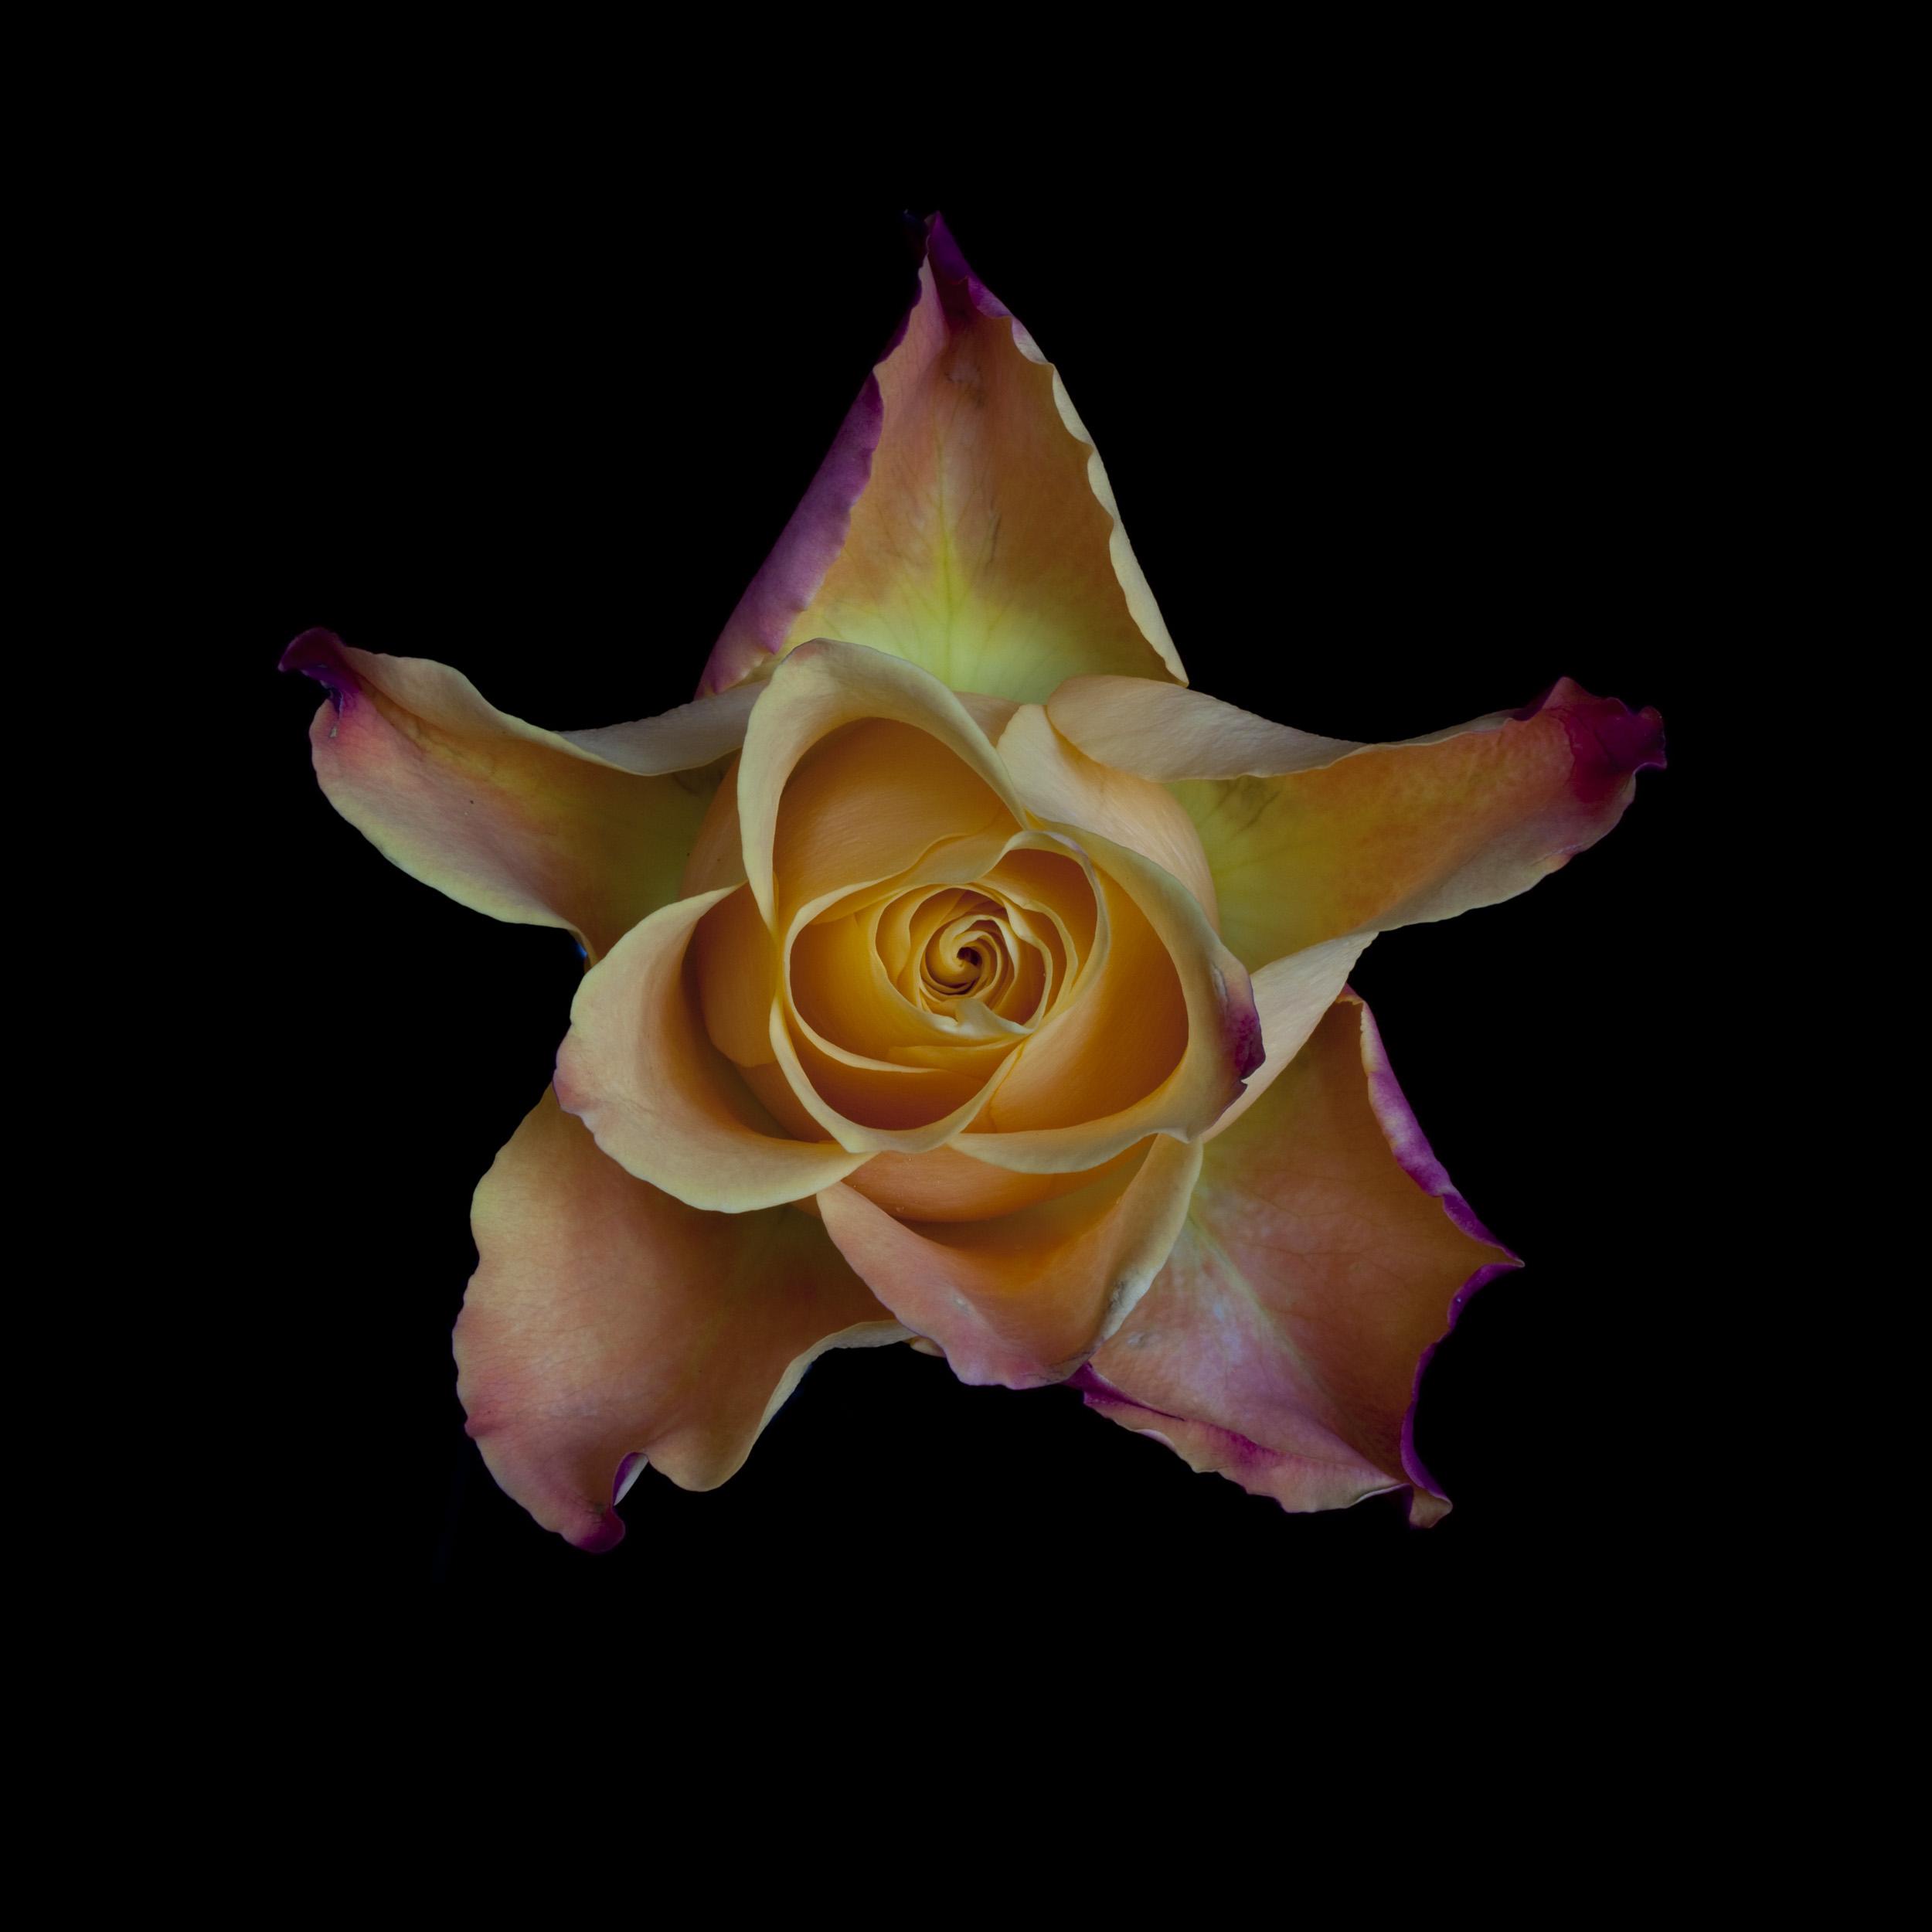 yellow-rose-23.jpg